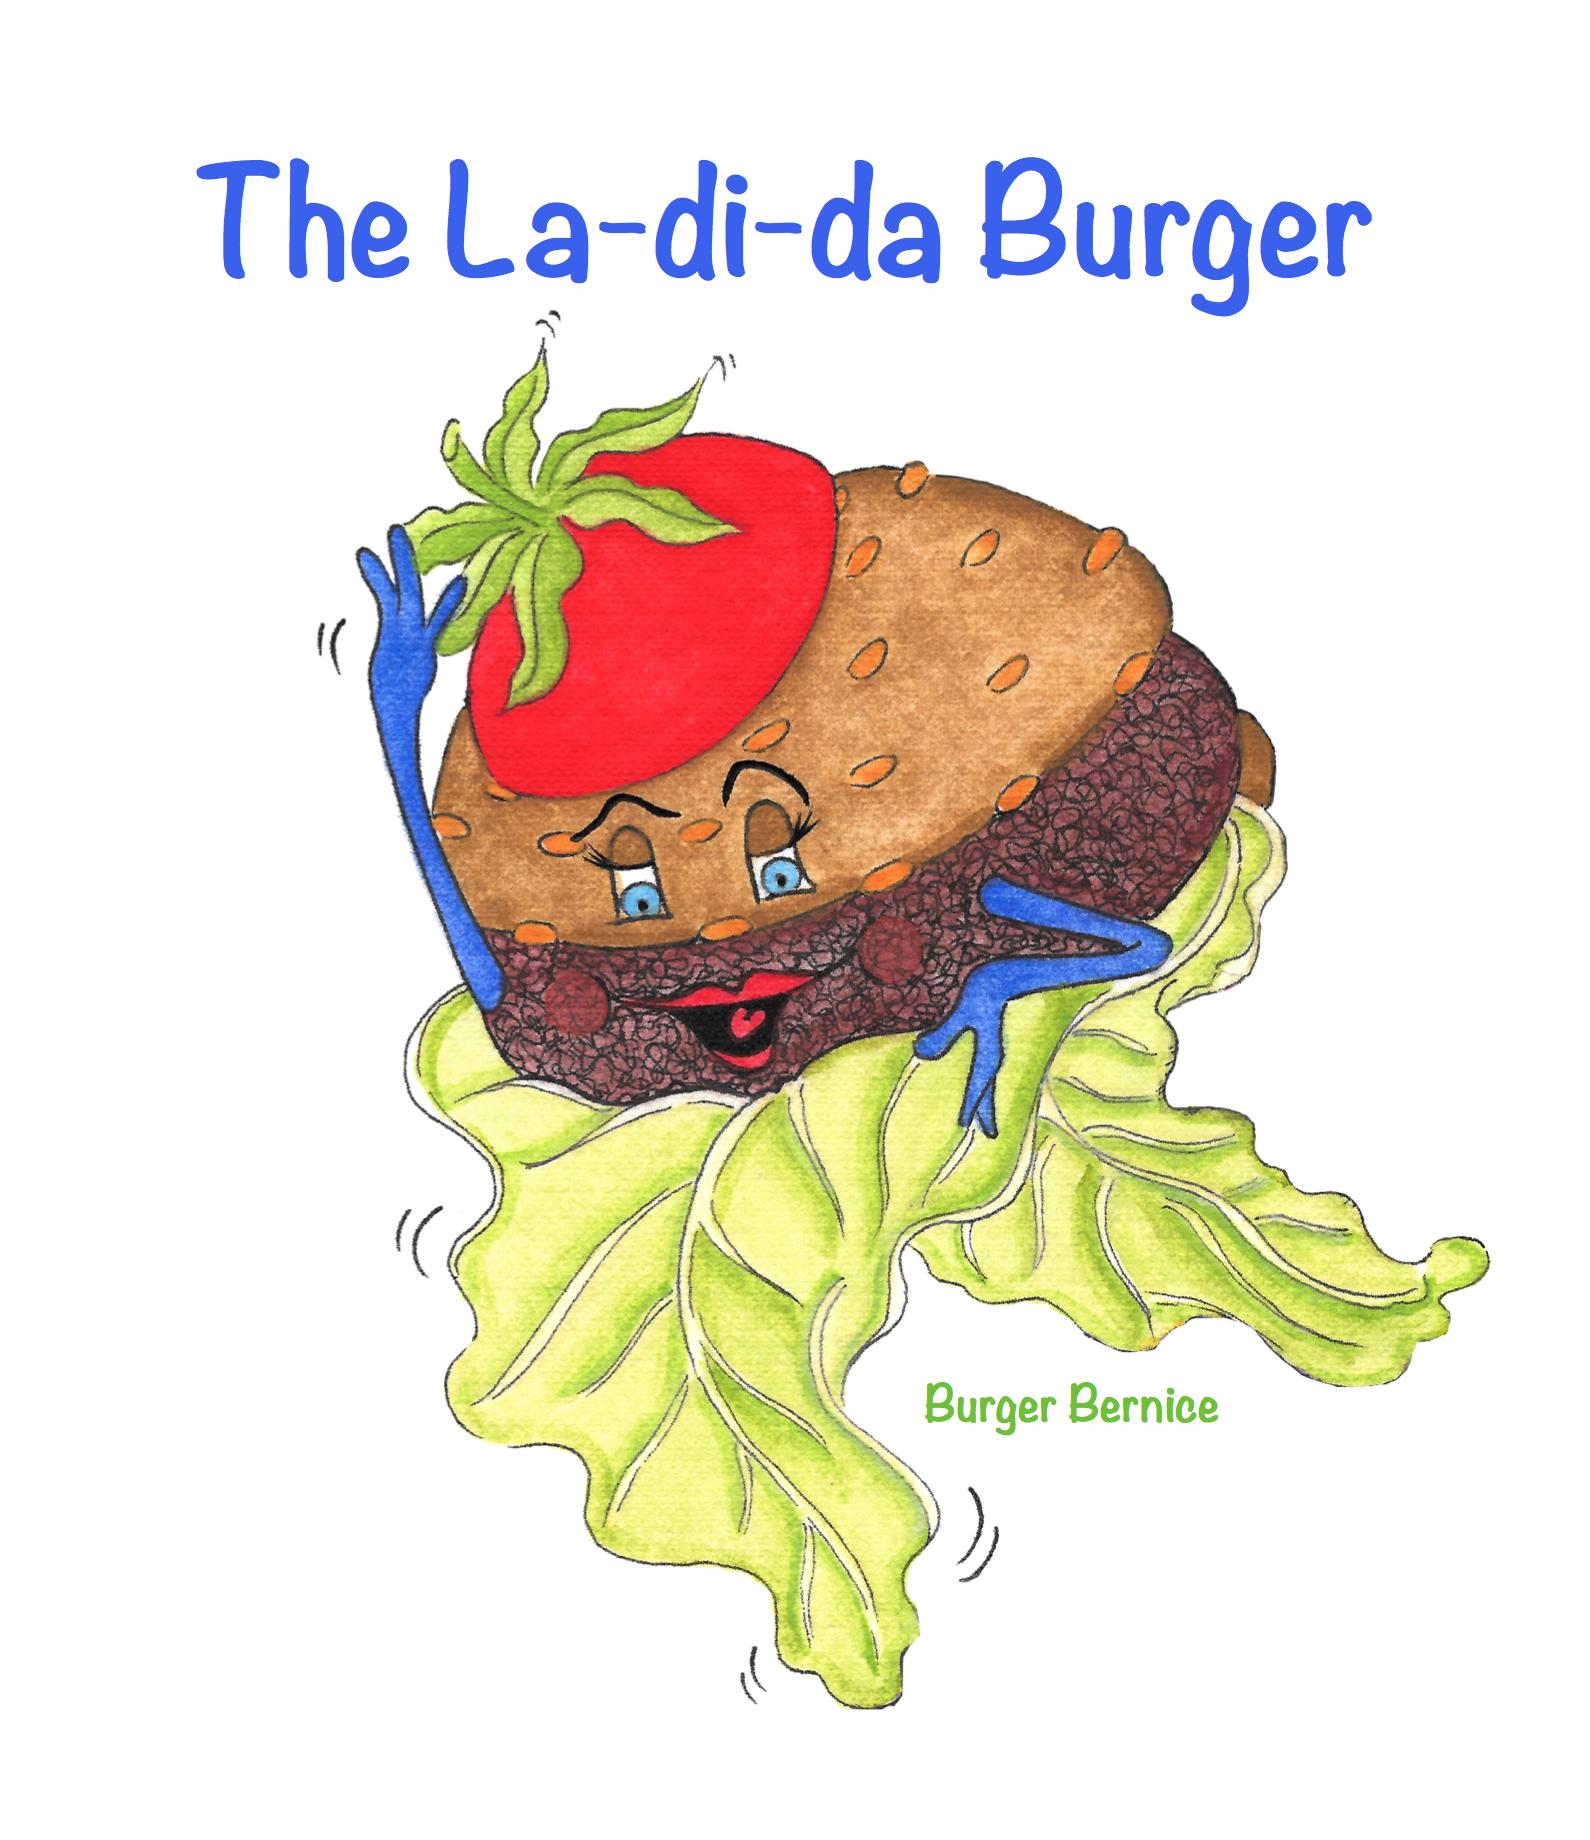 The La-di-da Burger